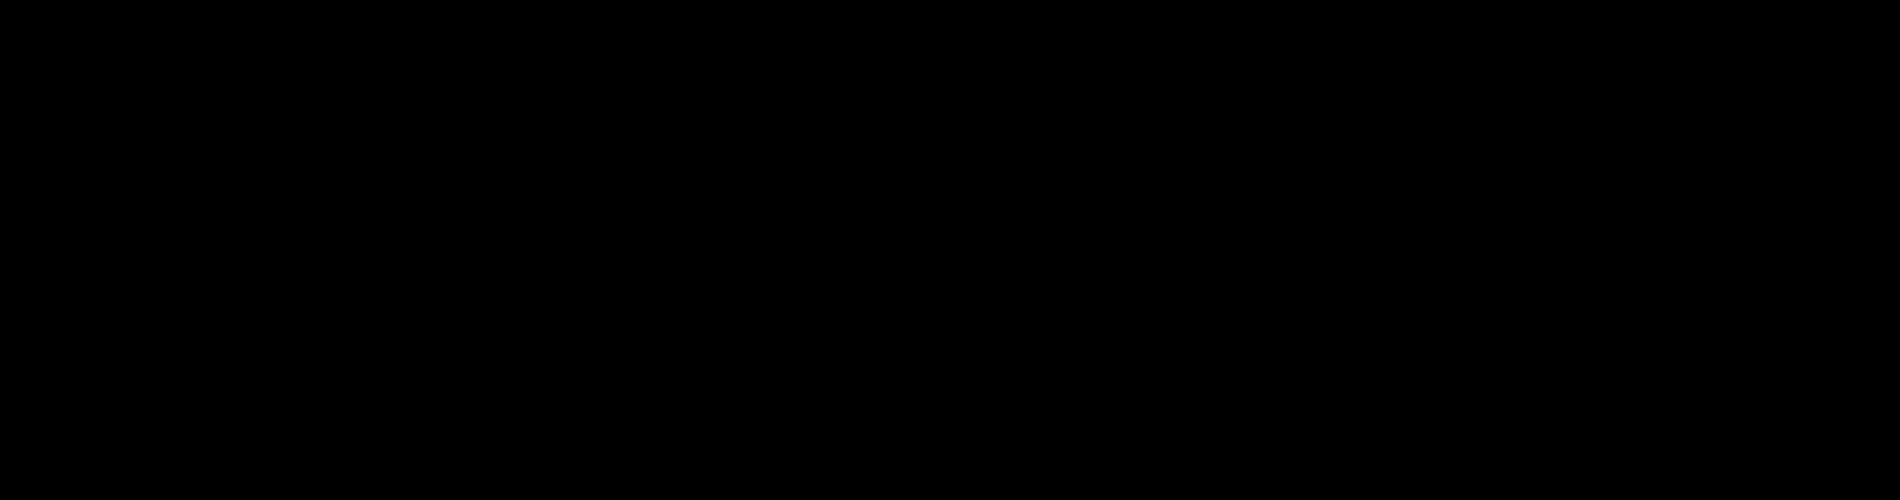 bg-cerna